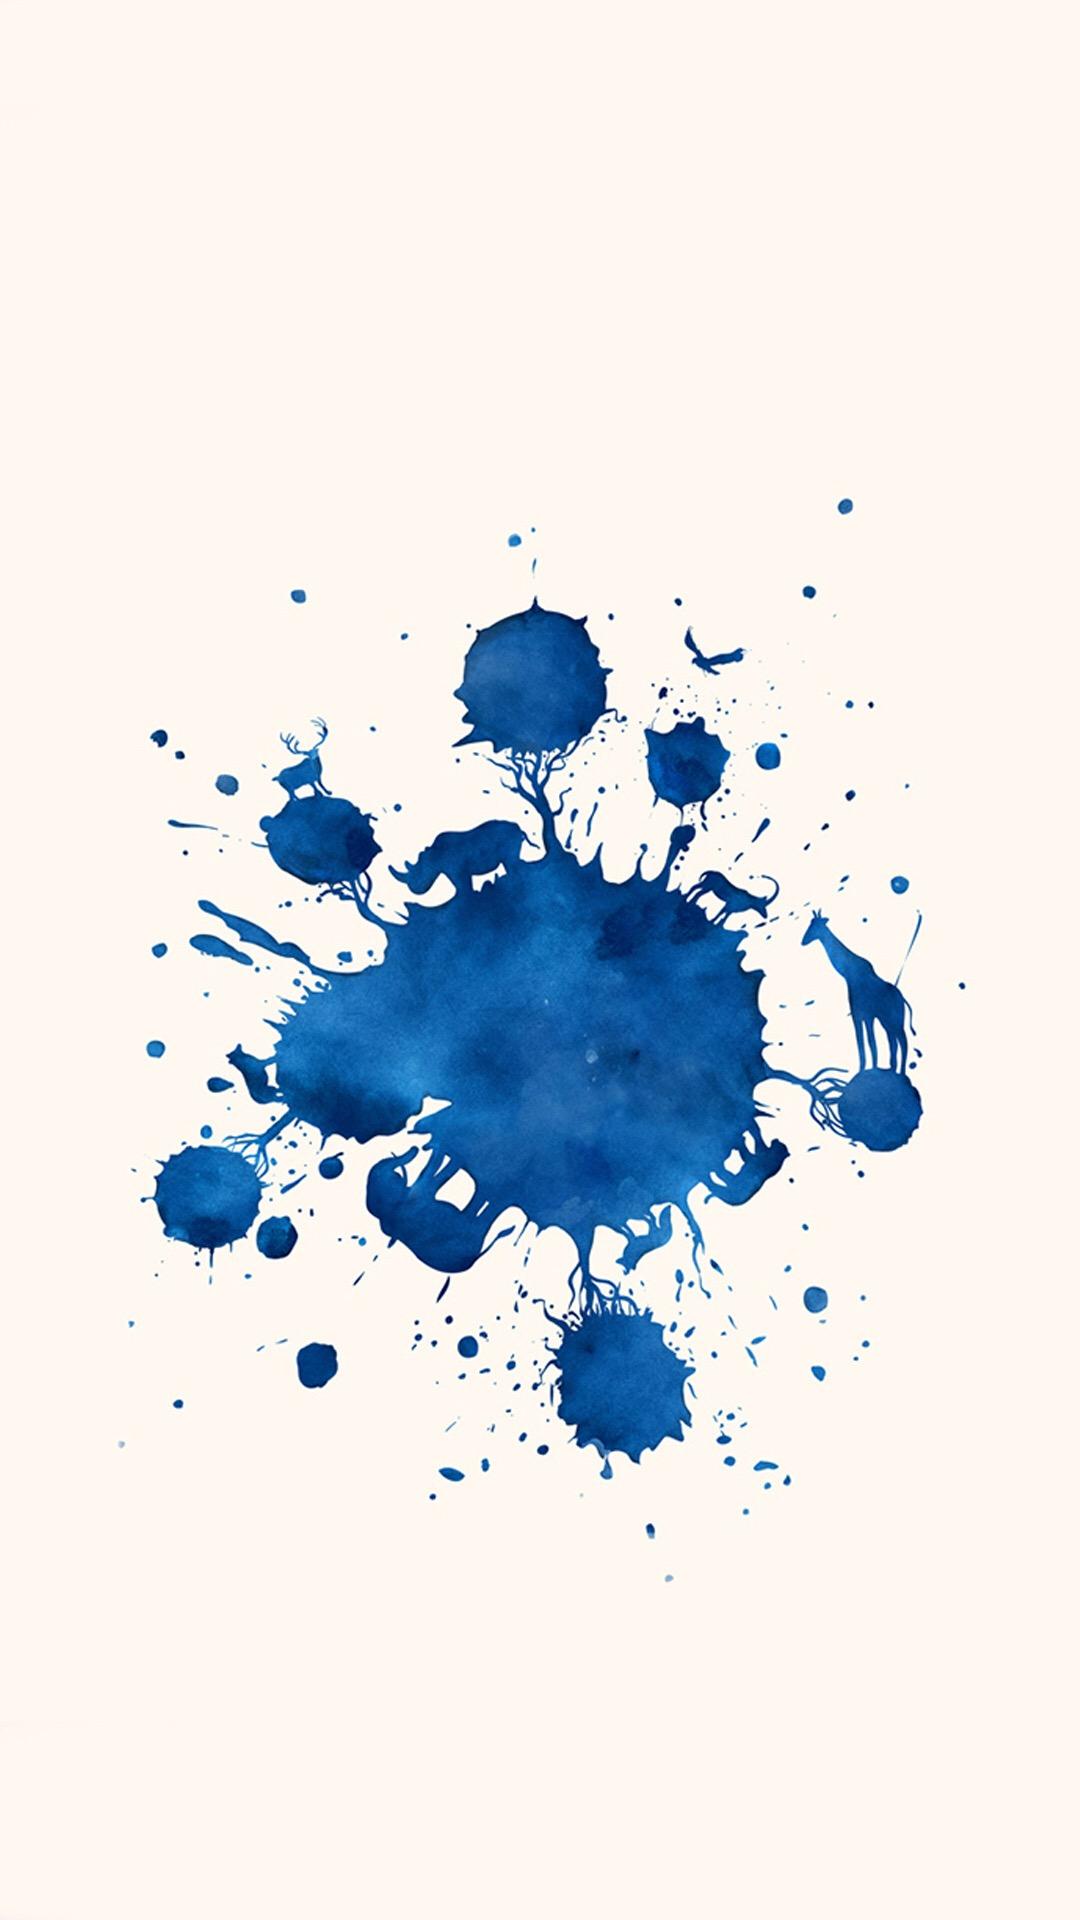 水墨 蓝色 白色 水墨画 苹果手机高清壁纸 1080x1920